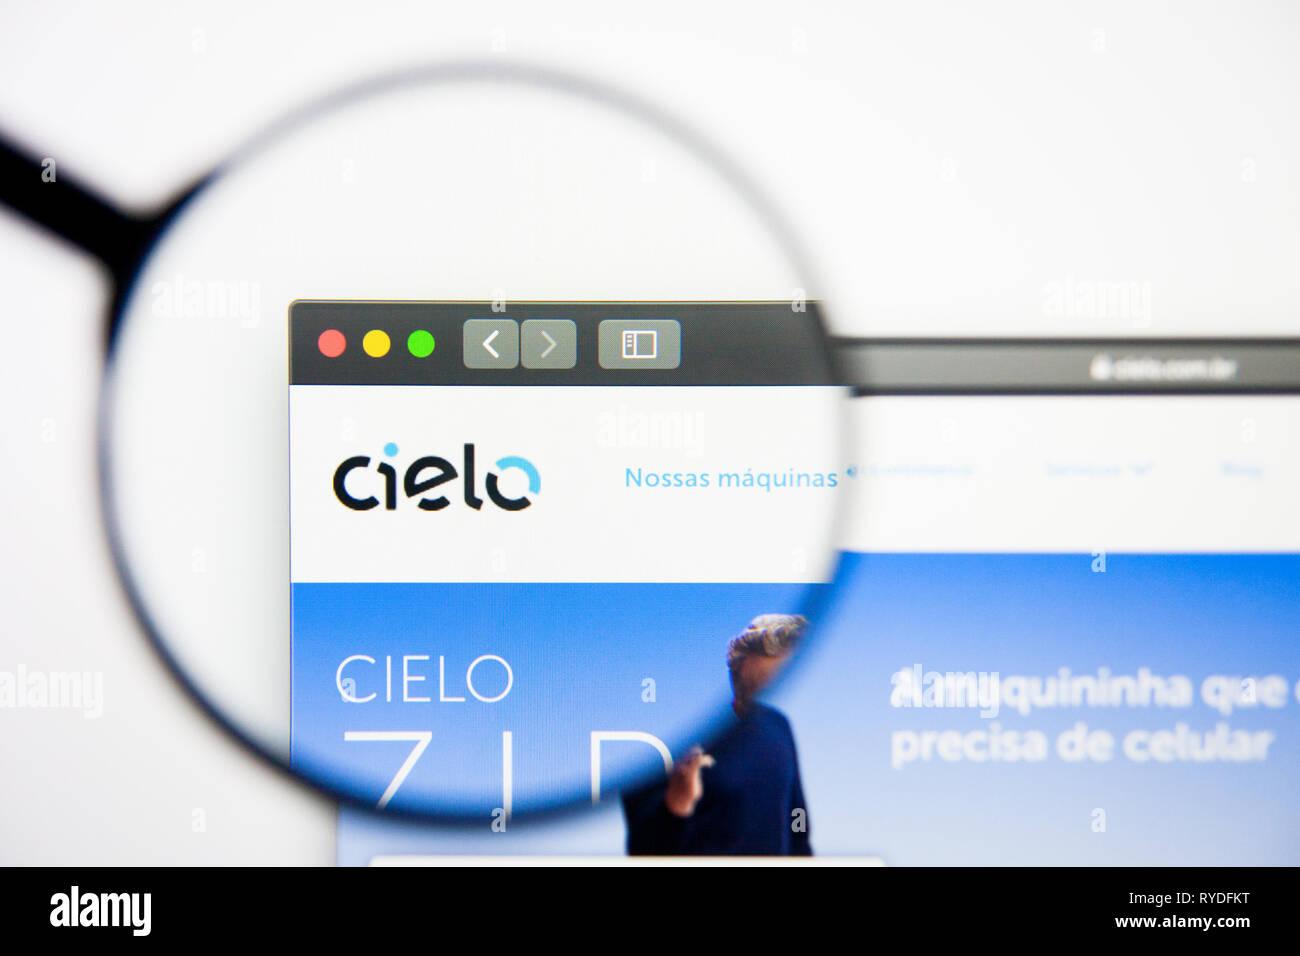 Los Angeles, California, Stati Uniti d'America - 28 Febbraio 2019: Cielo website homepage. Logo di cielo visibile sulla schermata di visualizzazione illustrativa editoriale Immagini Stock